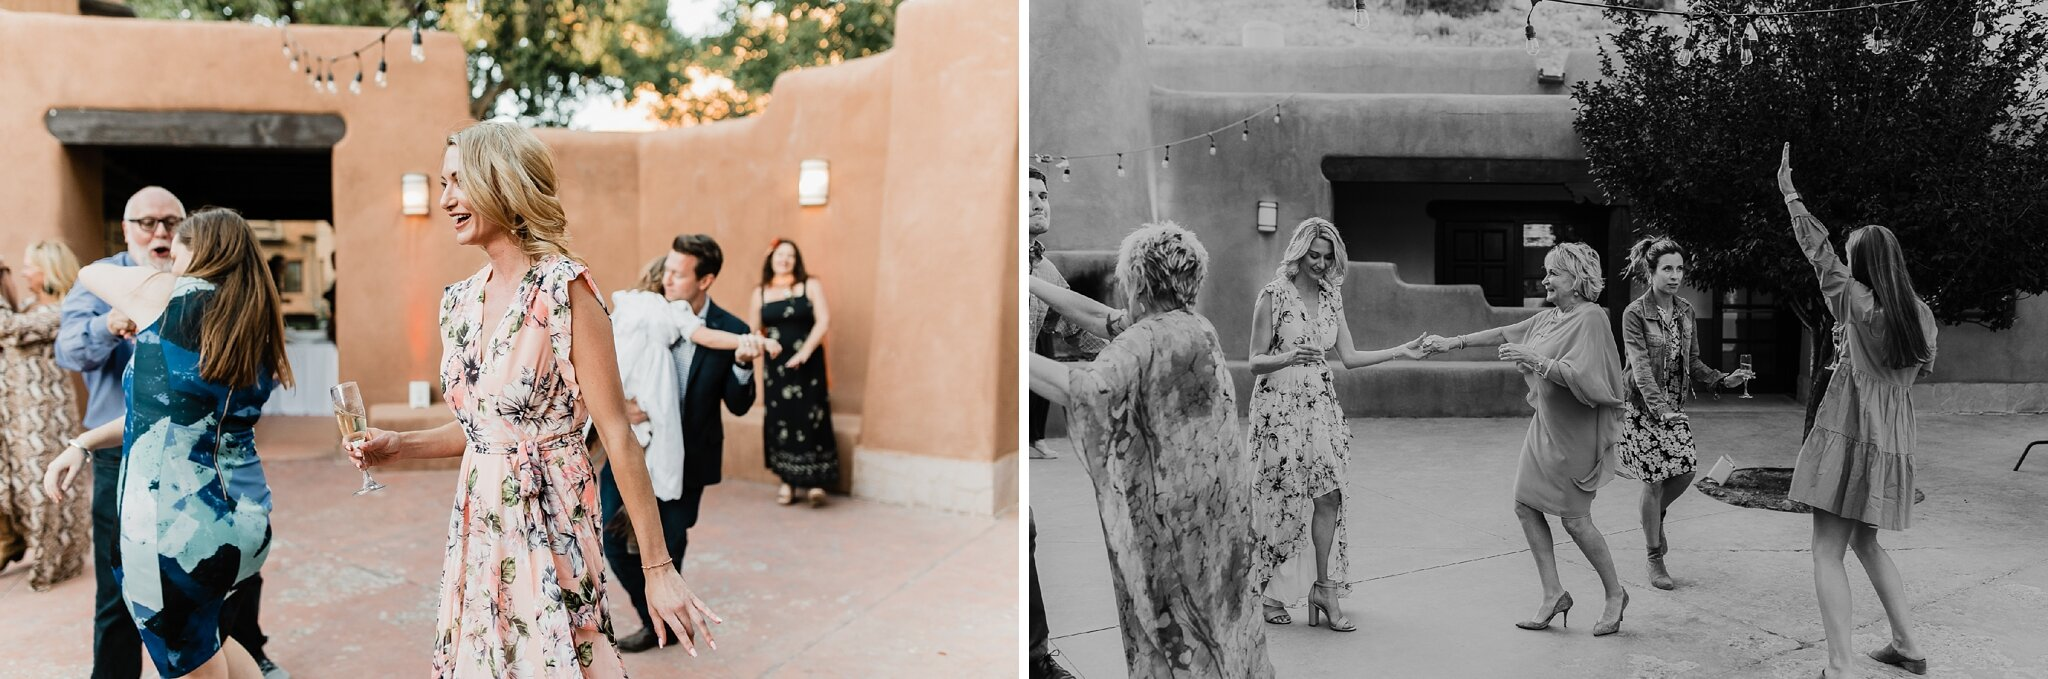 Alicia+lucia+photography+-+albuquerque+wedding+photographer+-+santa+fe+wedding+photography+-+new+mexico+wedding+photographer+-+new+mexico+wedding+-+wedding+-+santa+fe+wedding+-+ghost+ranch+-+ghost+ranch+wedding+-+fall+wedding_0090.jpg